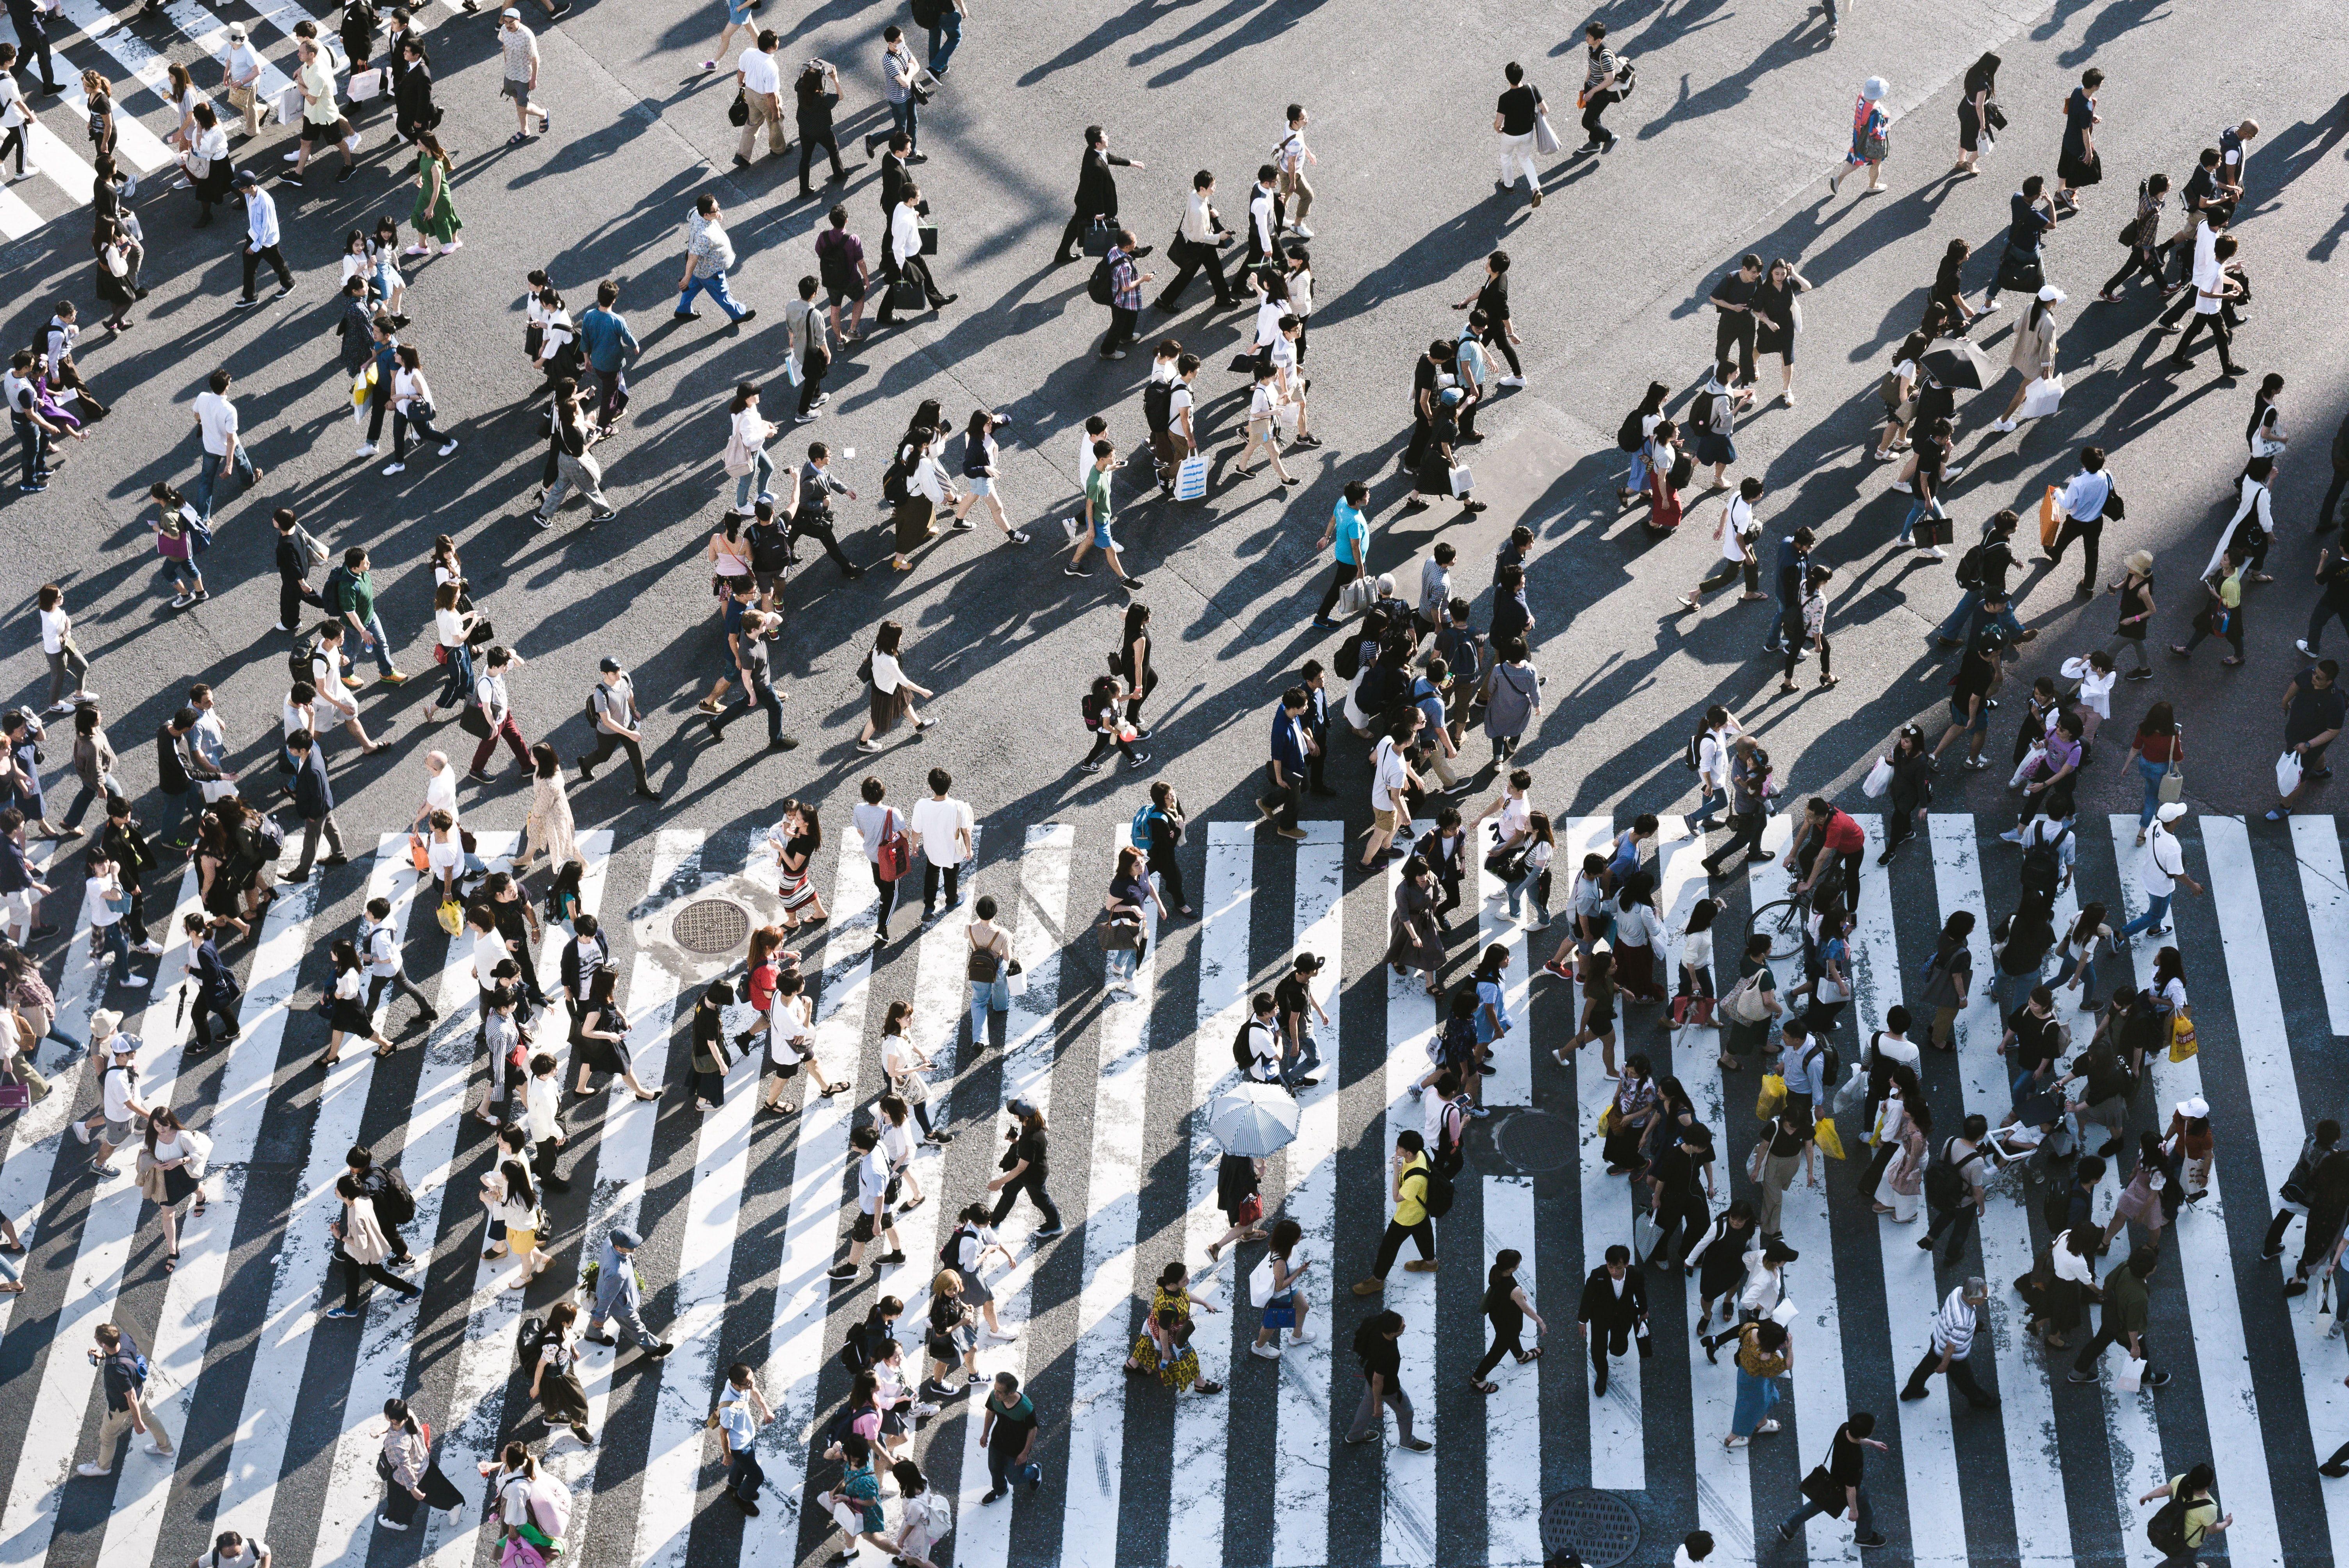 Image of people crossing crosswalk